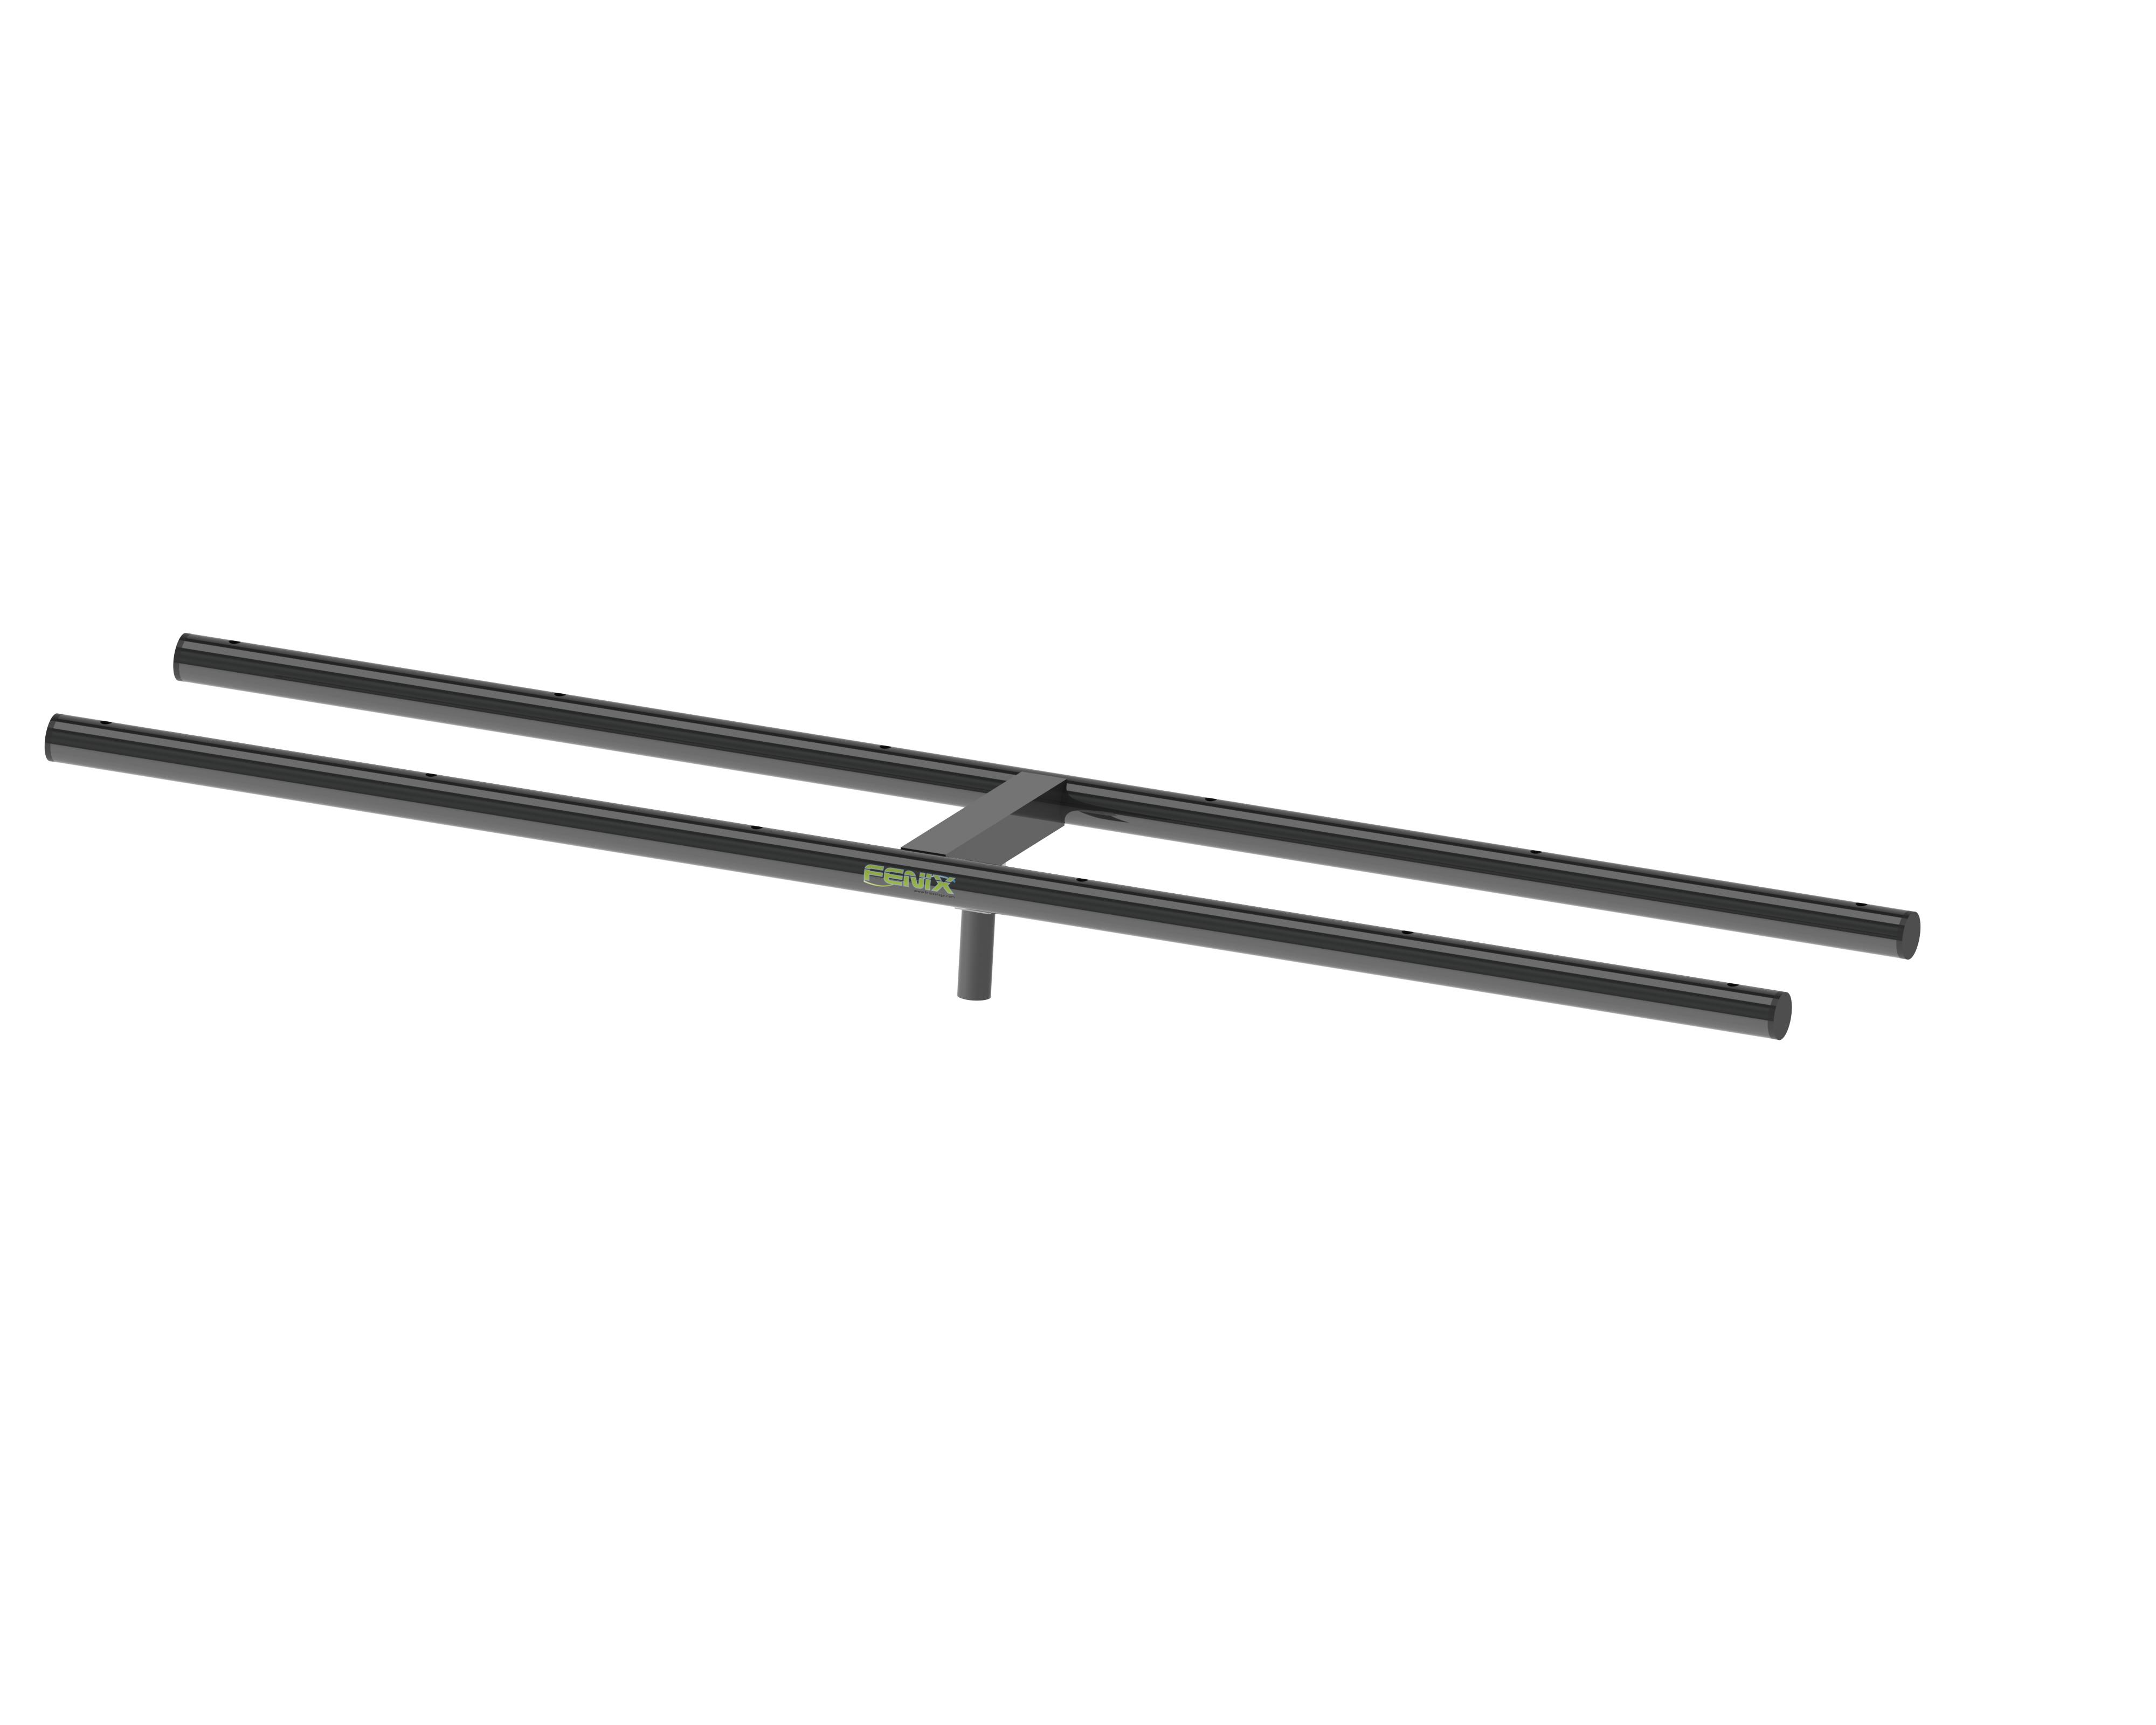 T-Bar AC-509B rund für Stativ Megara/ELV